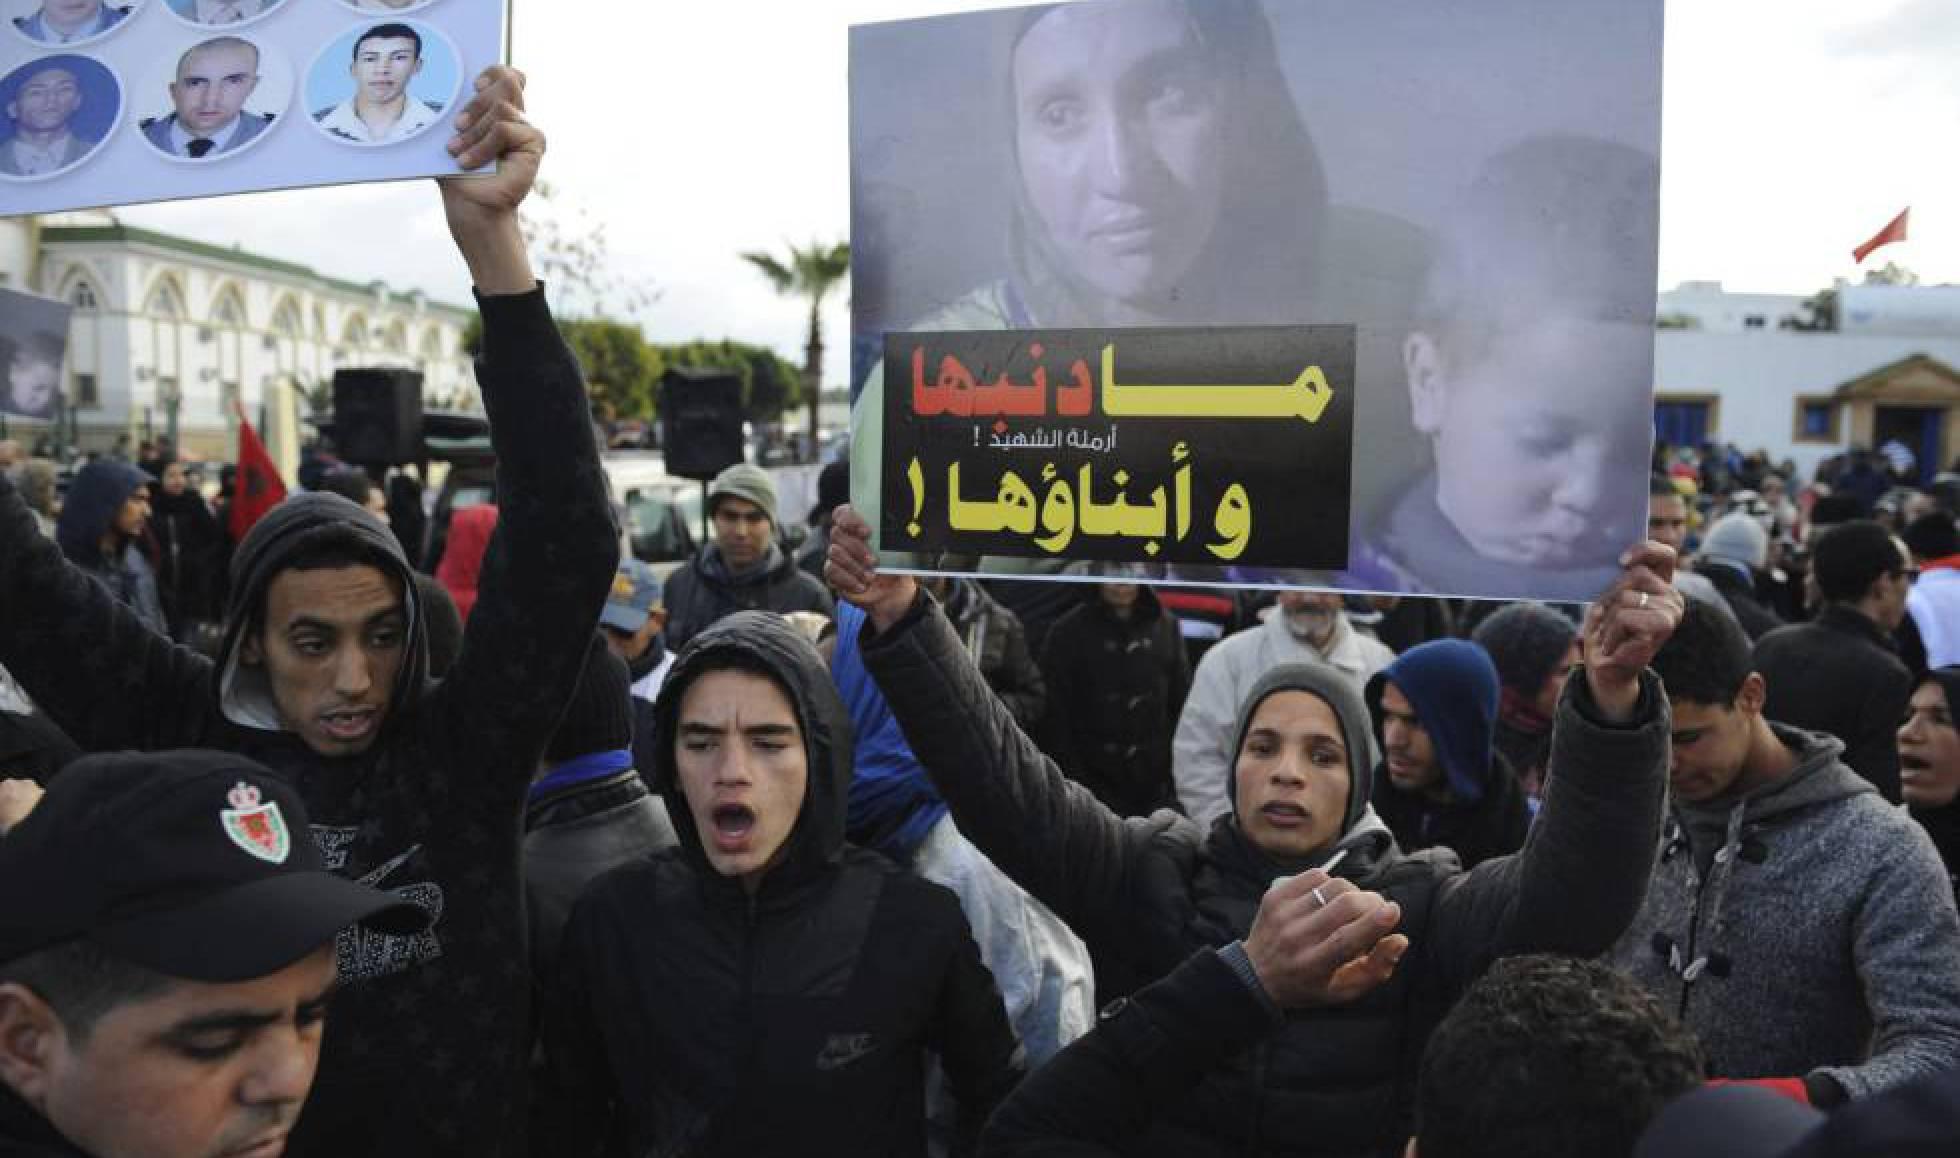 Sáhara Occidental: Represión de Marruecos contra la población. - Página 2 1500459285_516593_1500460387_noticia_normal_recorte1